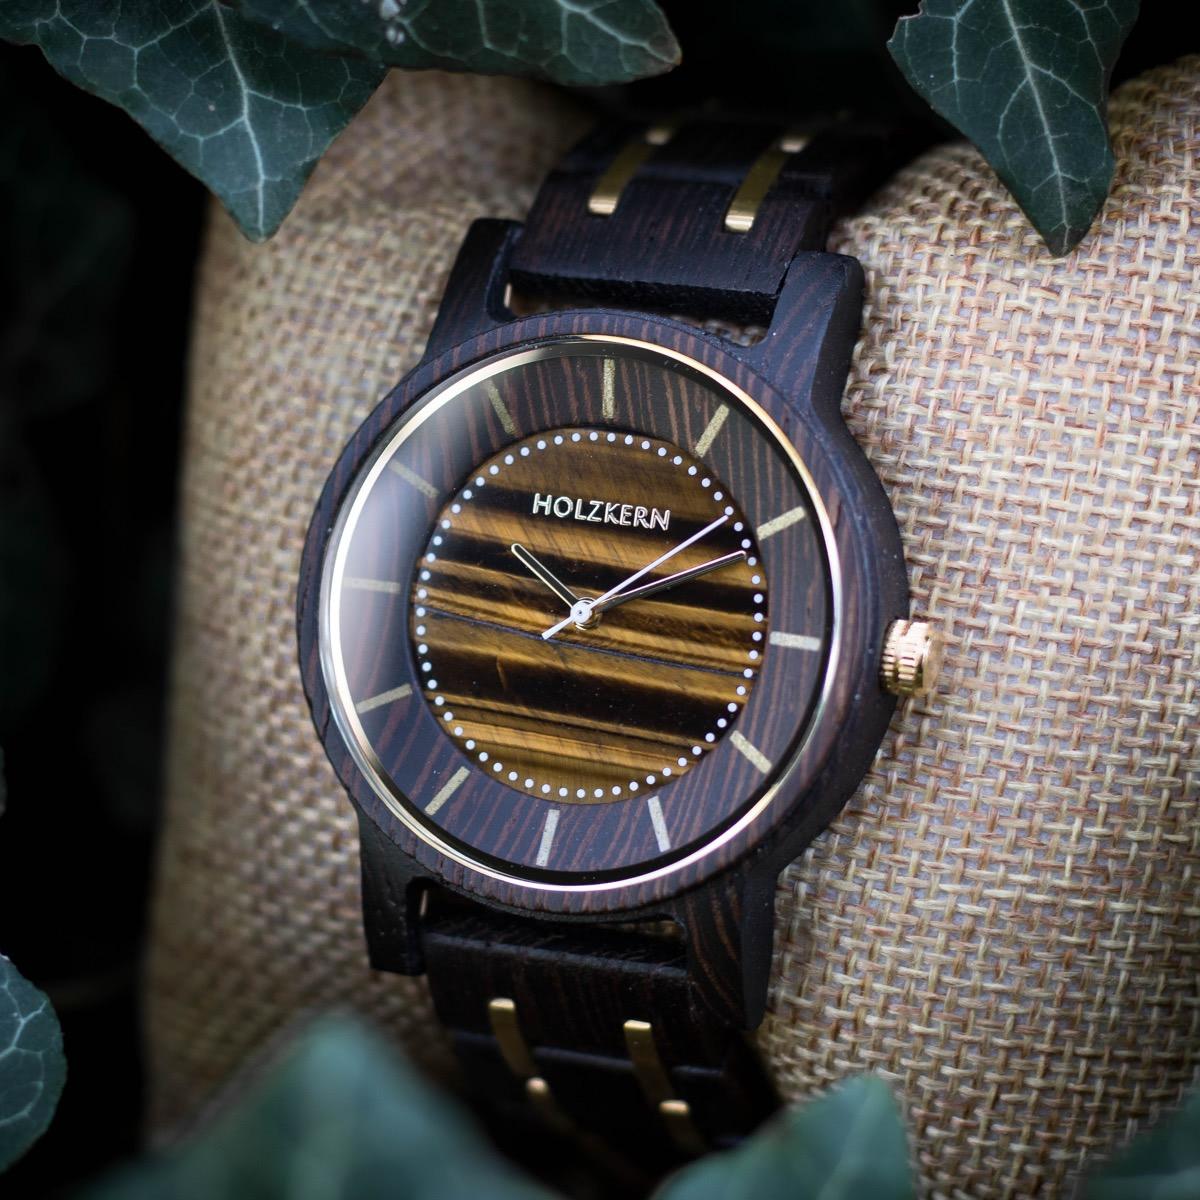 Eine Holzuhr von Holzkern namens Christoph mit einem einzigartigen Ziffernblatt aus echtem Tigerauge auf einem Uhrenpolster umgeben von Efeu